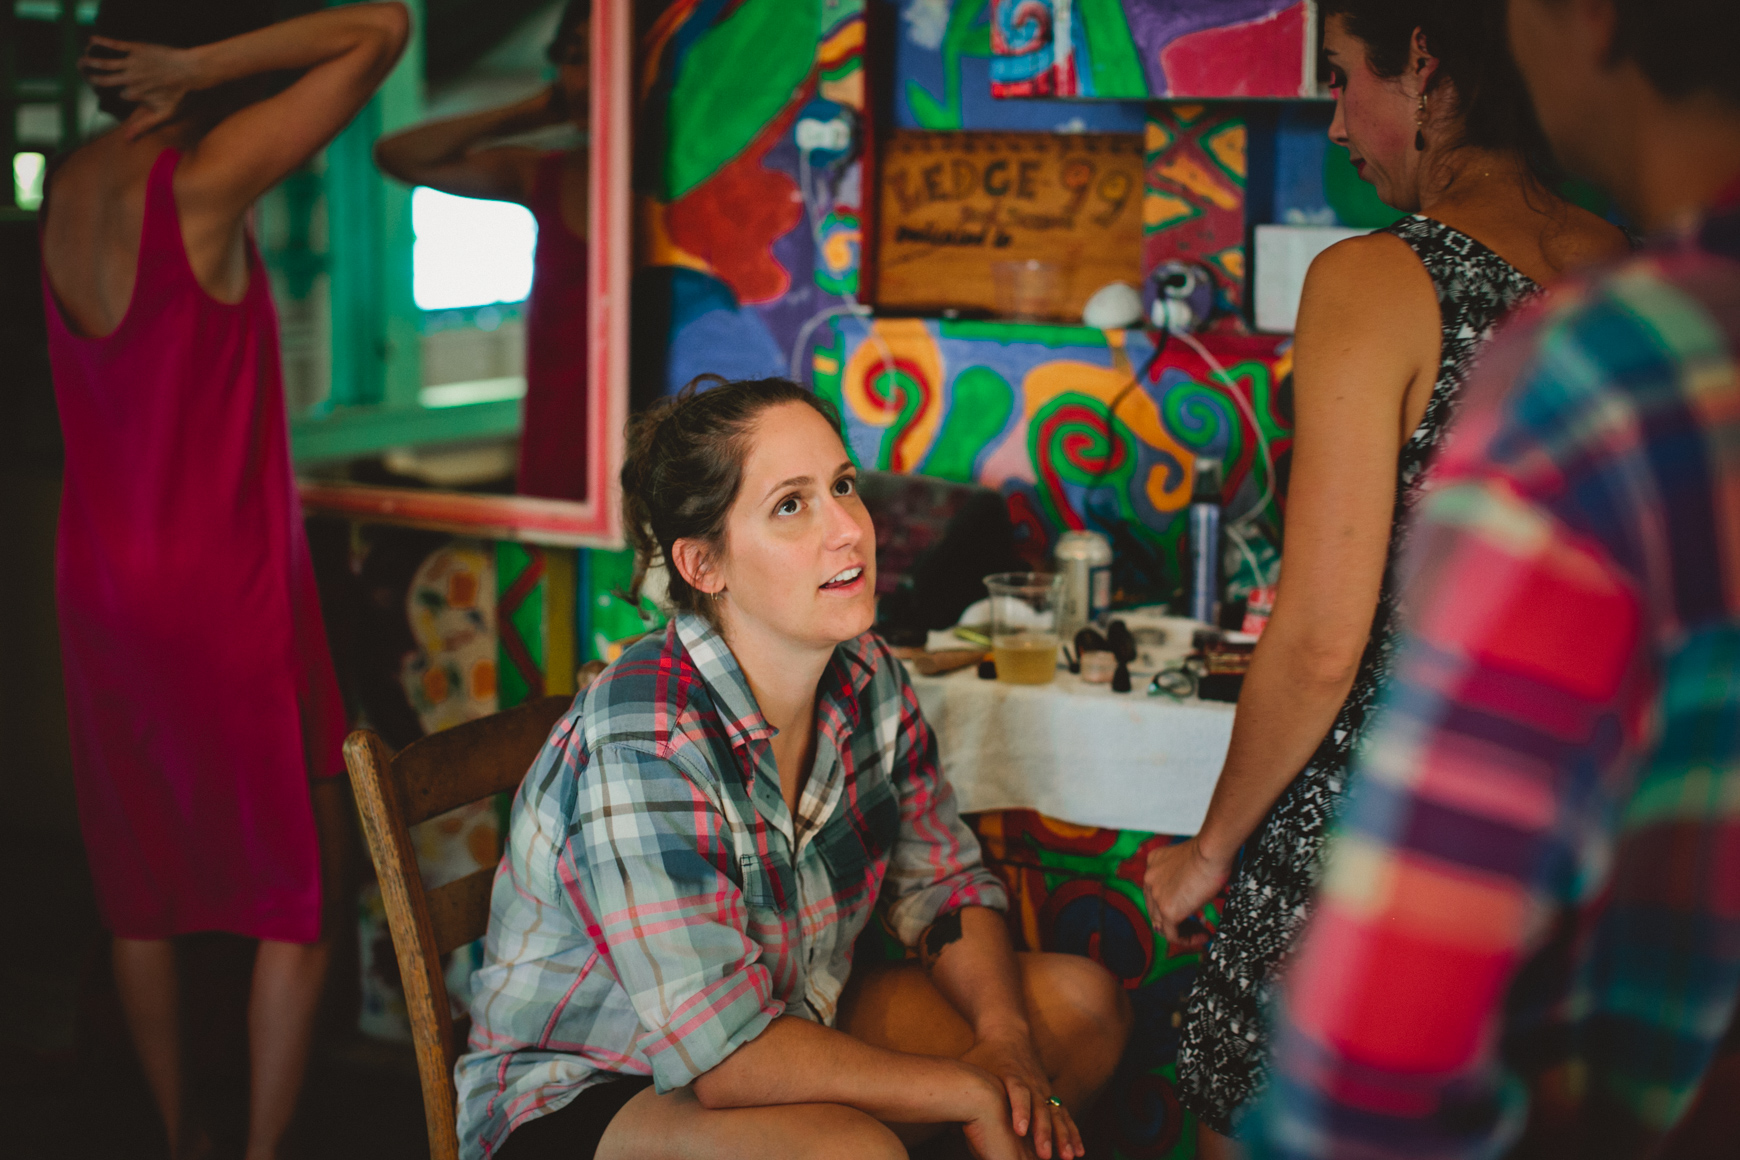 She2015-JennaClayton-Blog-1-2.jpg